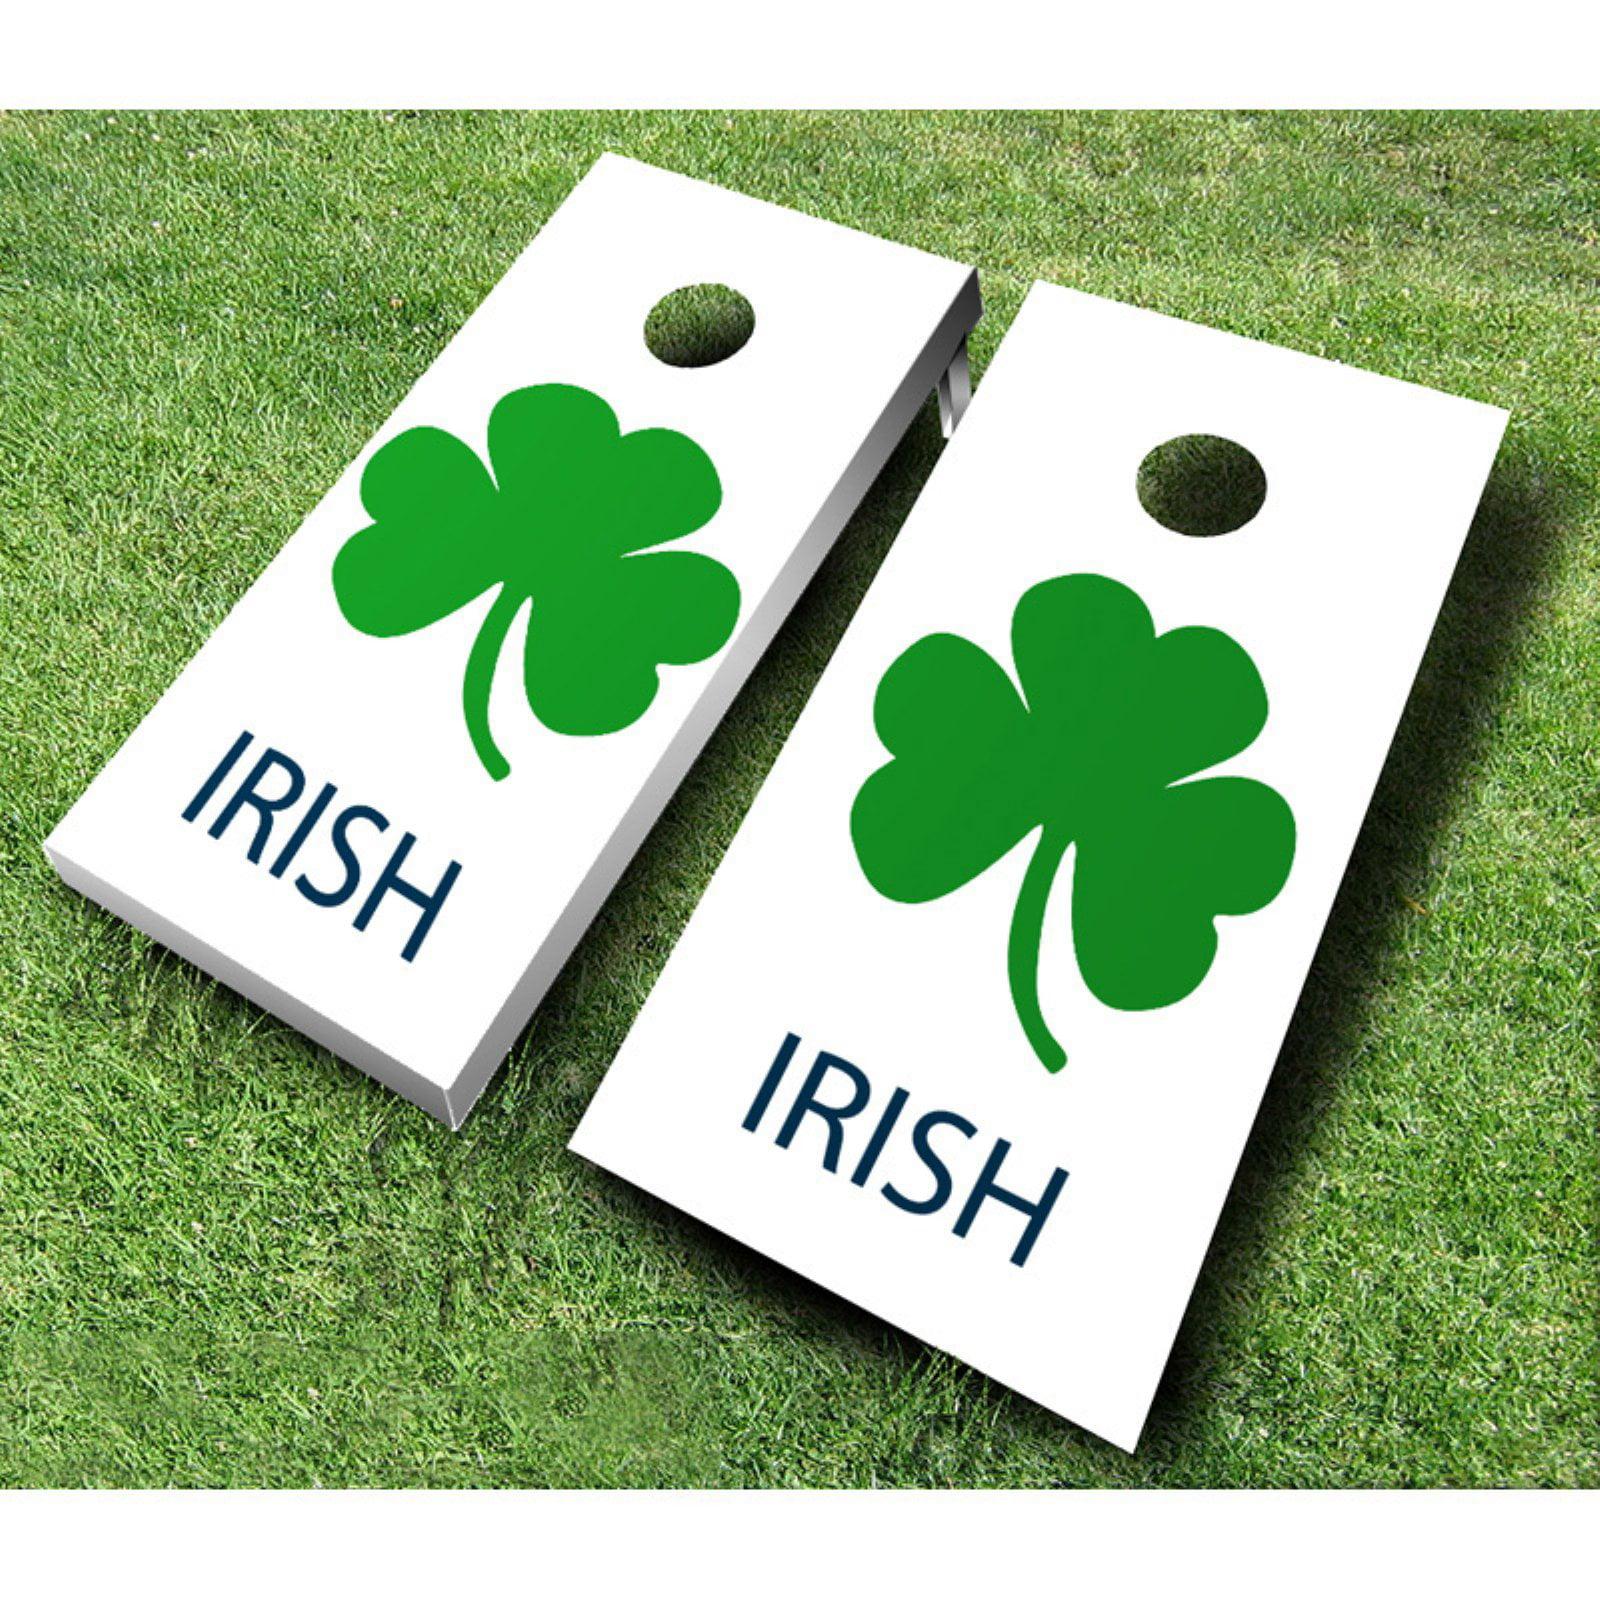 Irish Tournament Cornhole Set by AJJ Cornhole